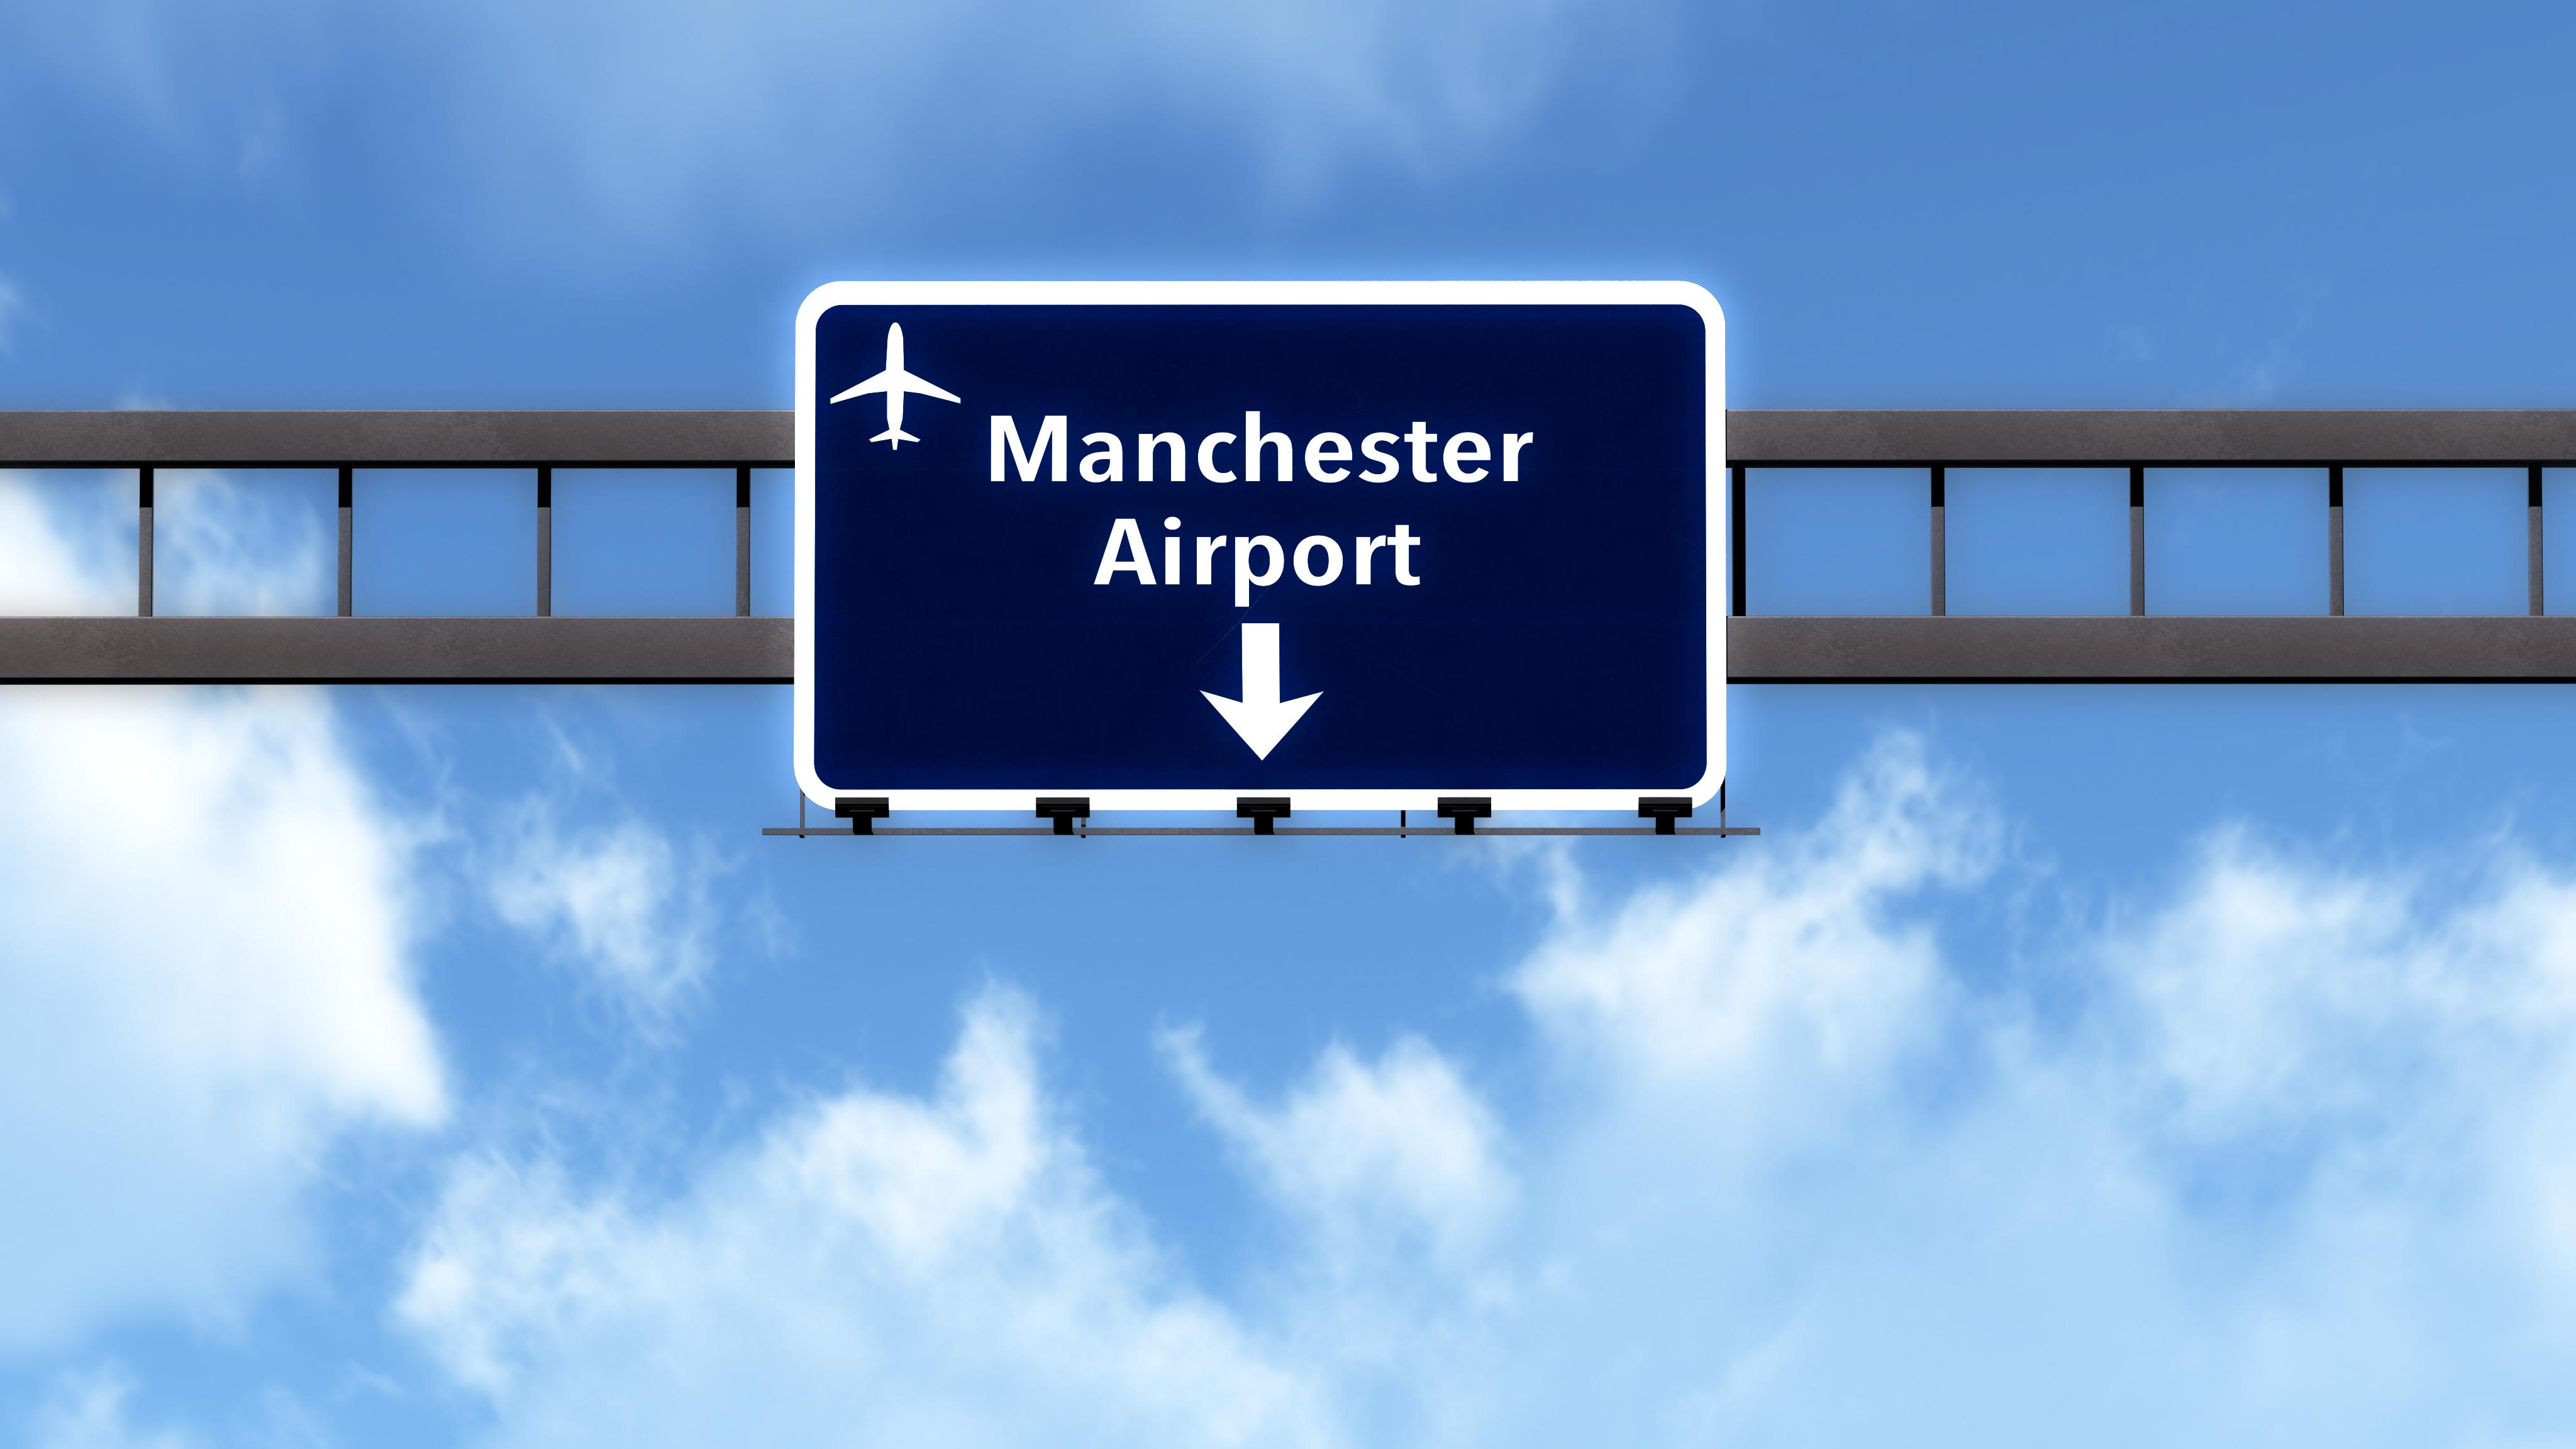 Aeroporto de Manchester evacuado devido a bagagem suspeita